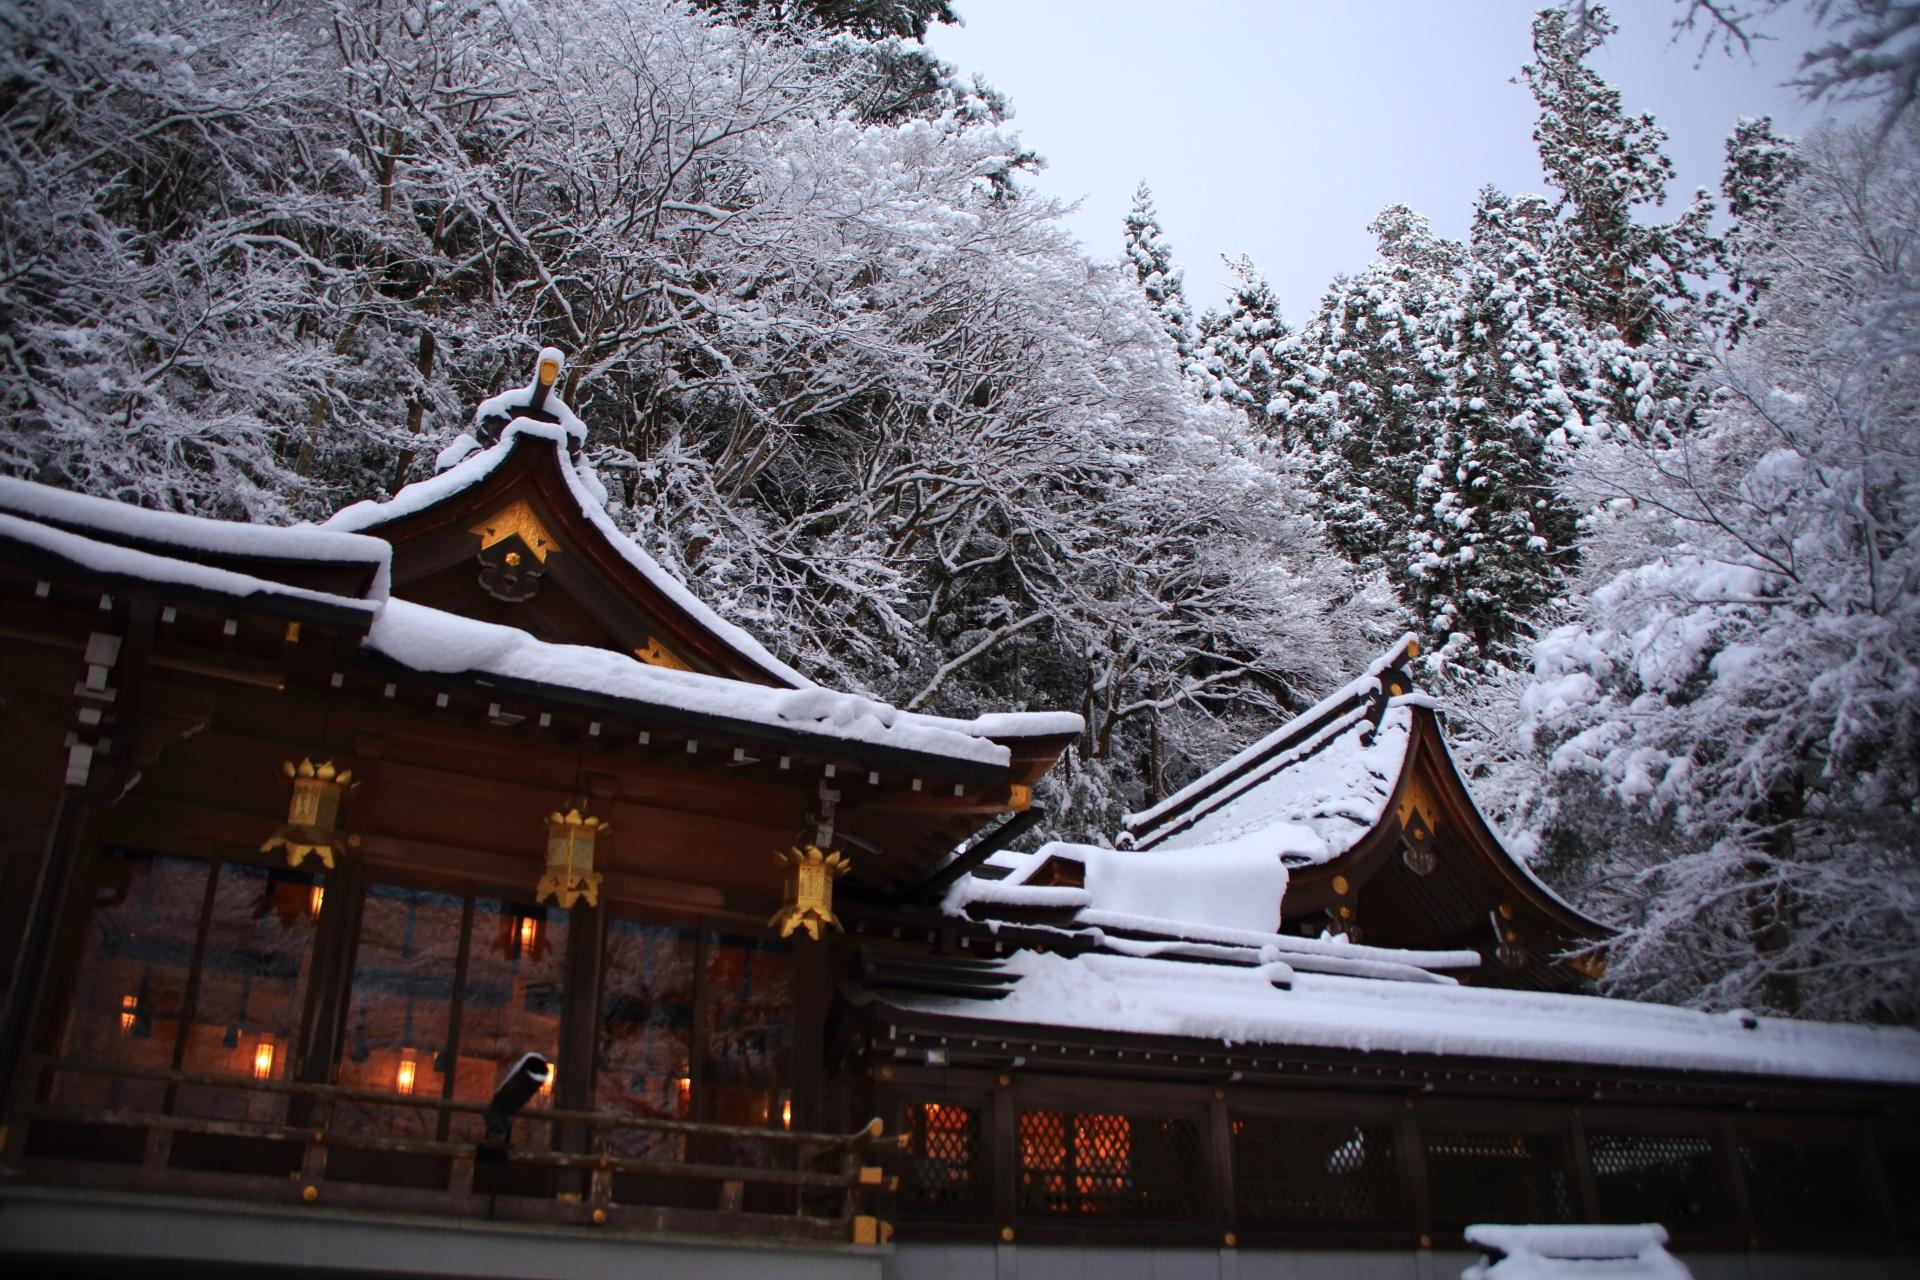 貴船神社の本宮の上で咲く雪の華